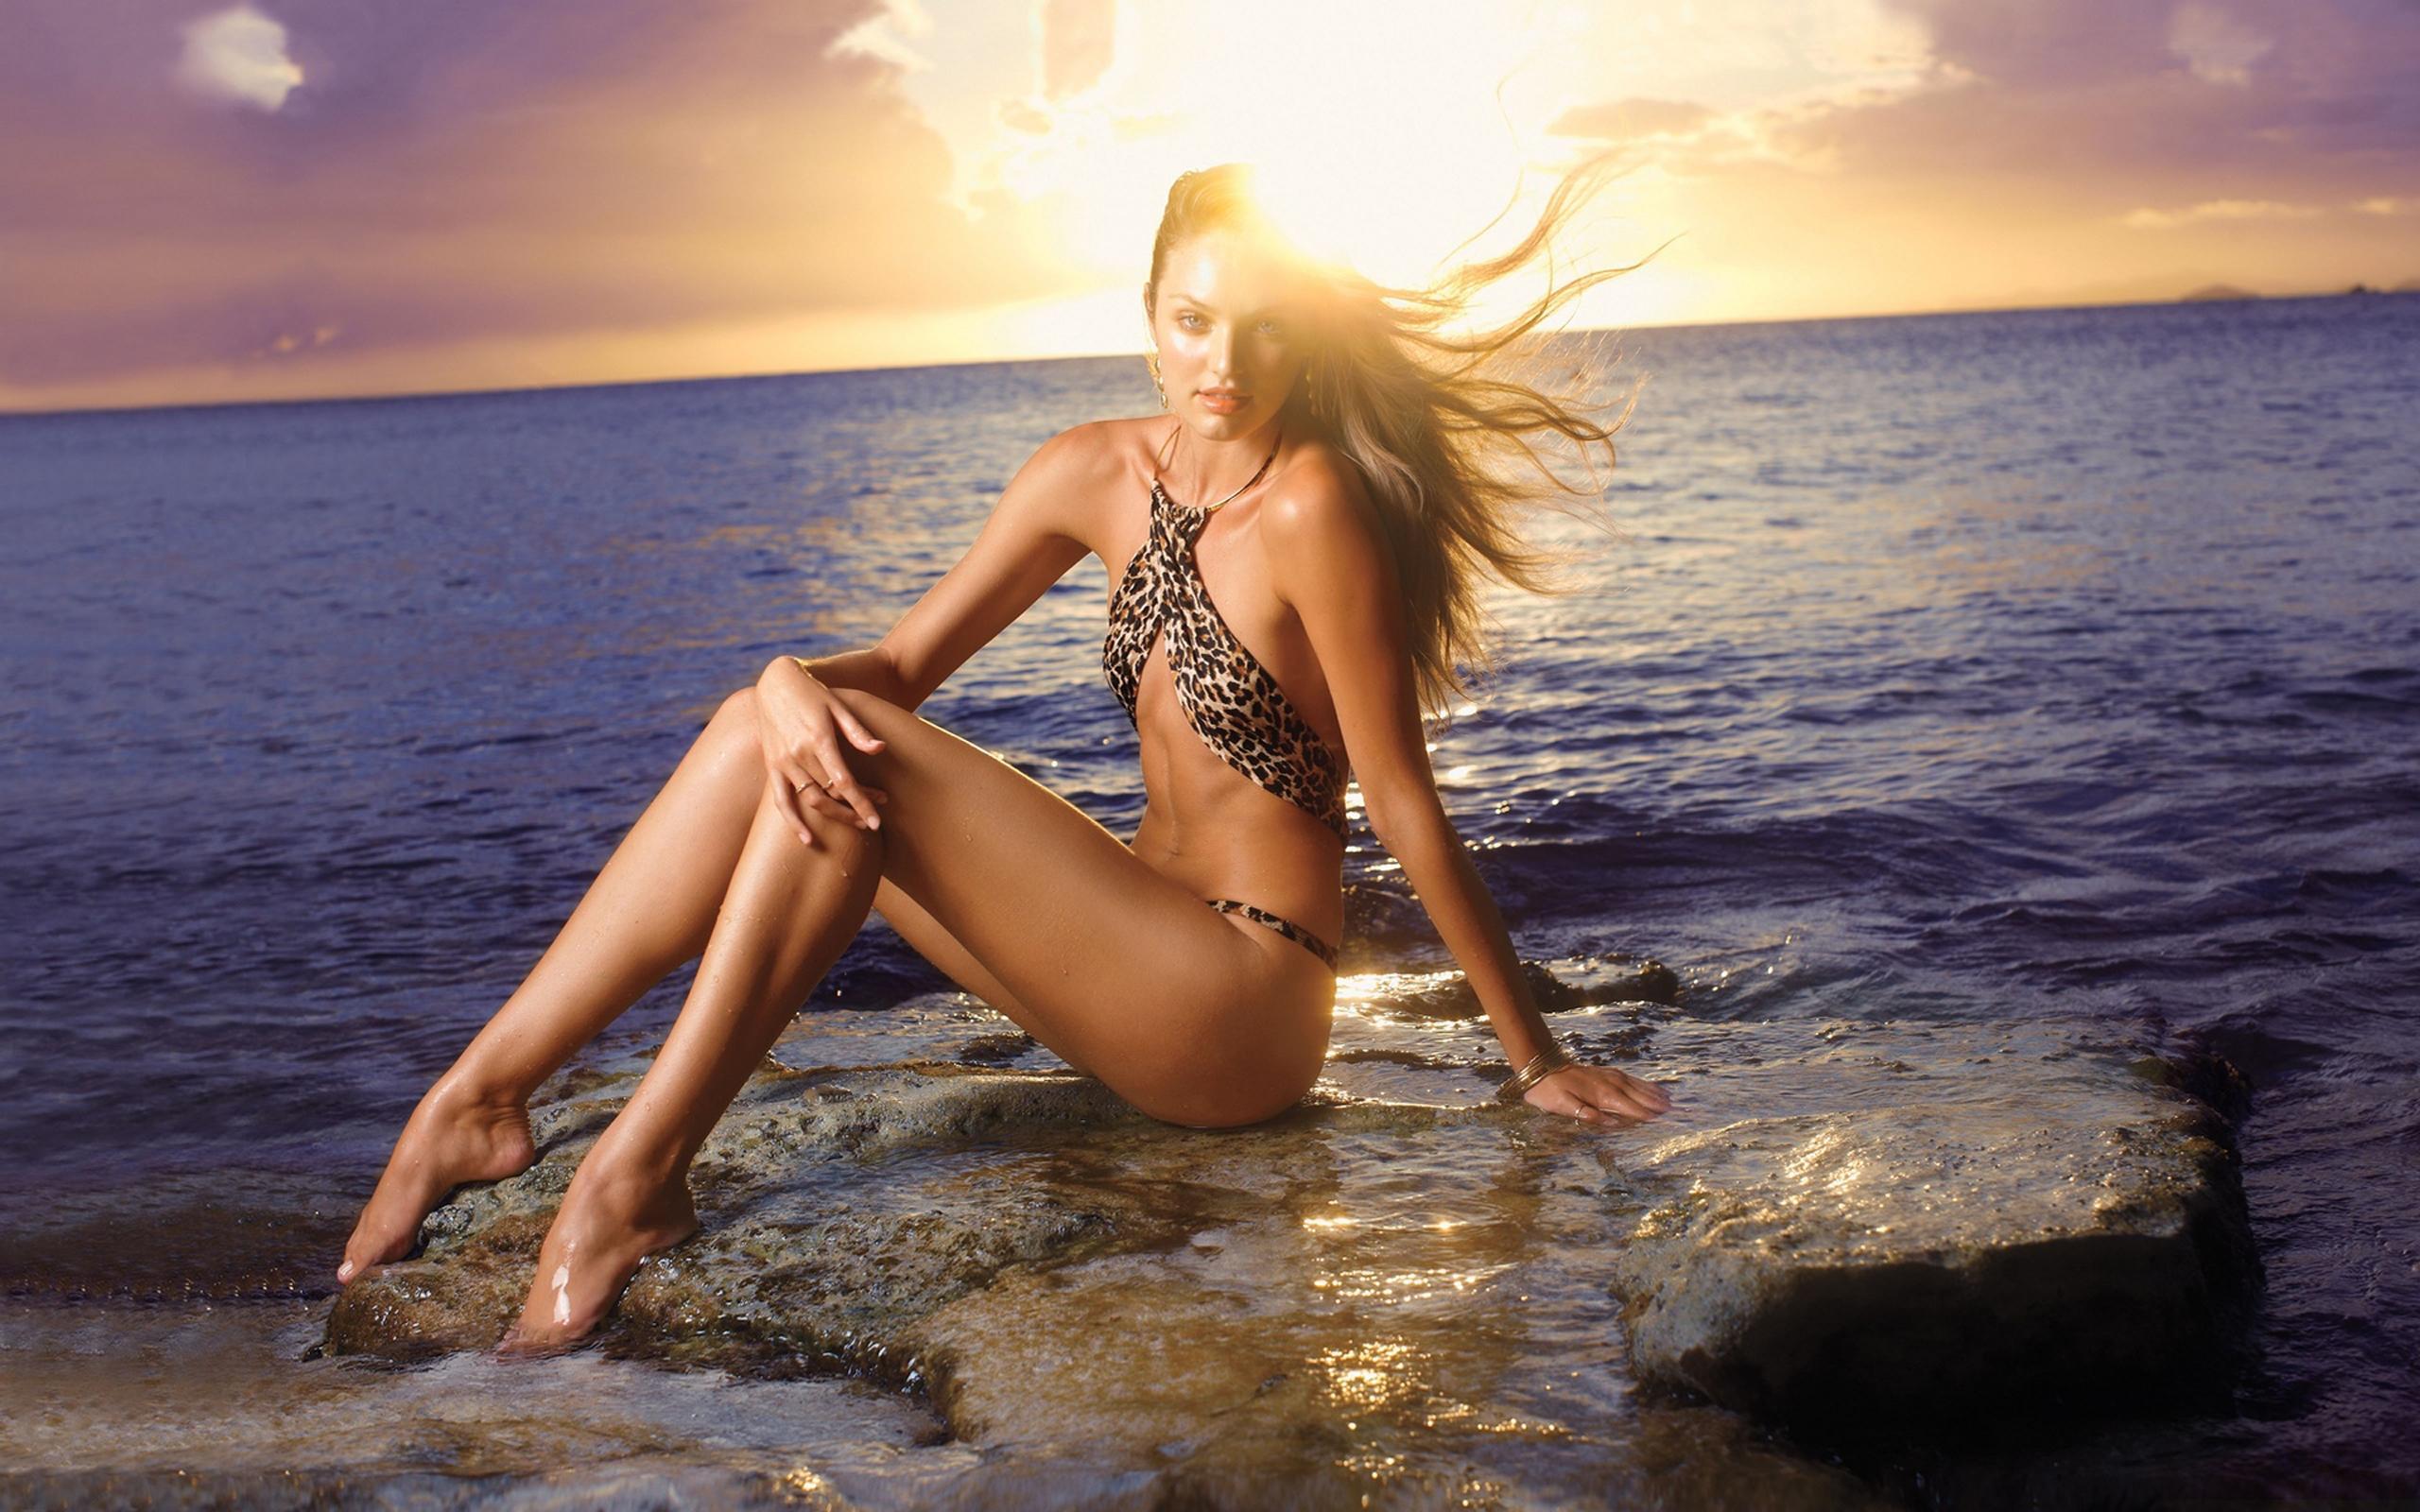 Молодая блонда позирует на берегу моря  116595